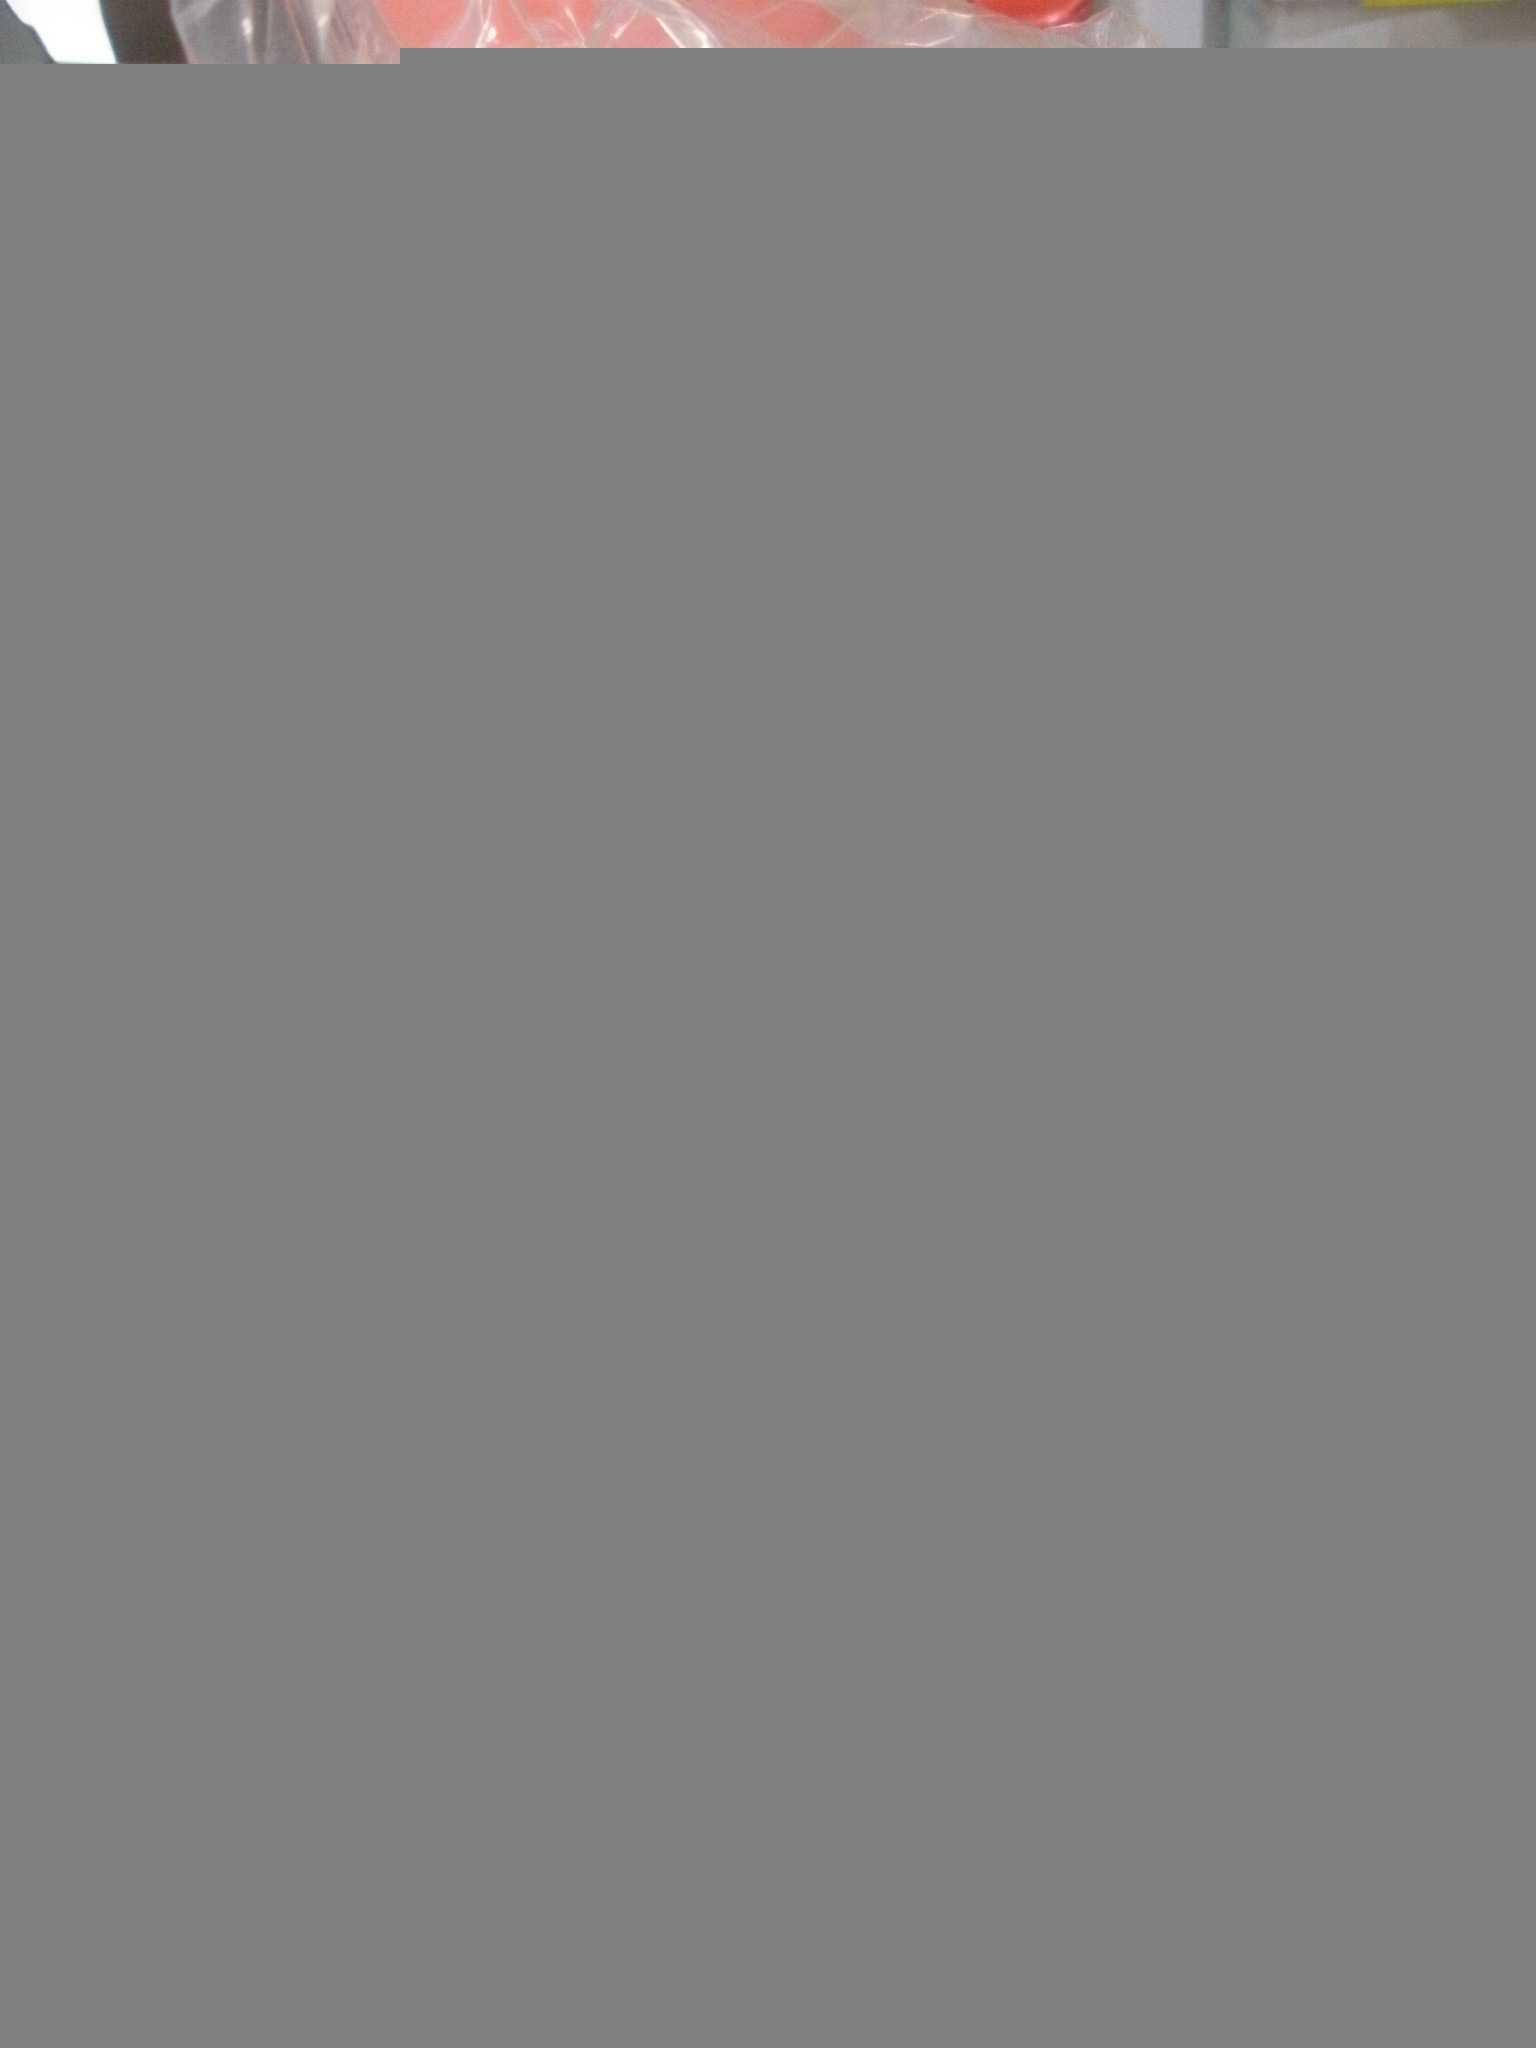 冷凝换热器-厦门高谱科技,厦门高谱科技有限公司